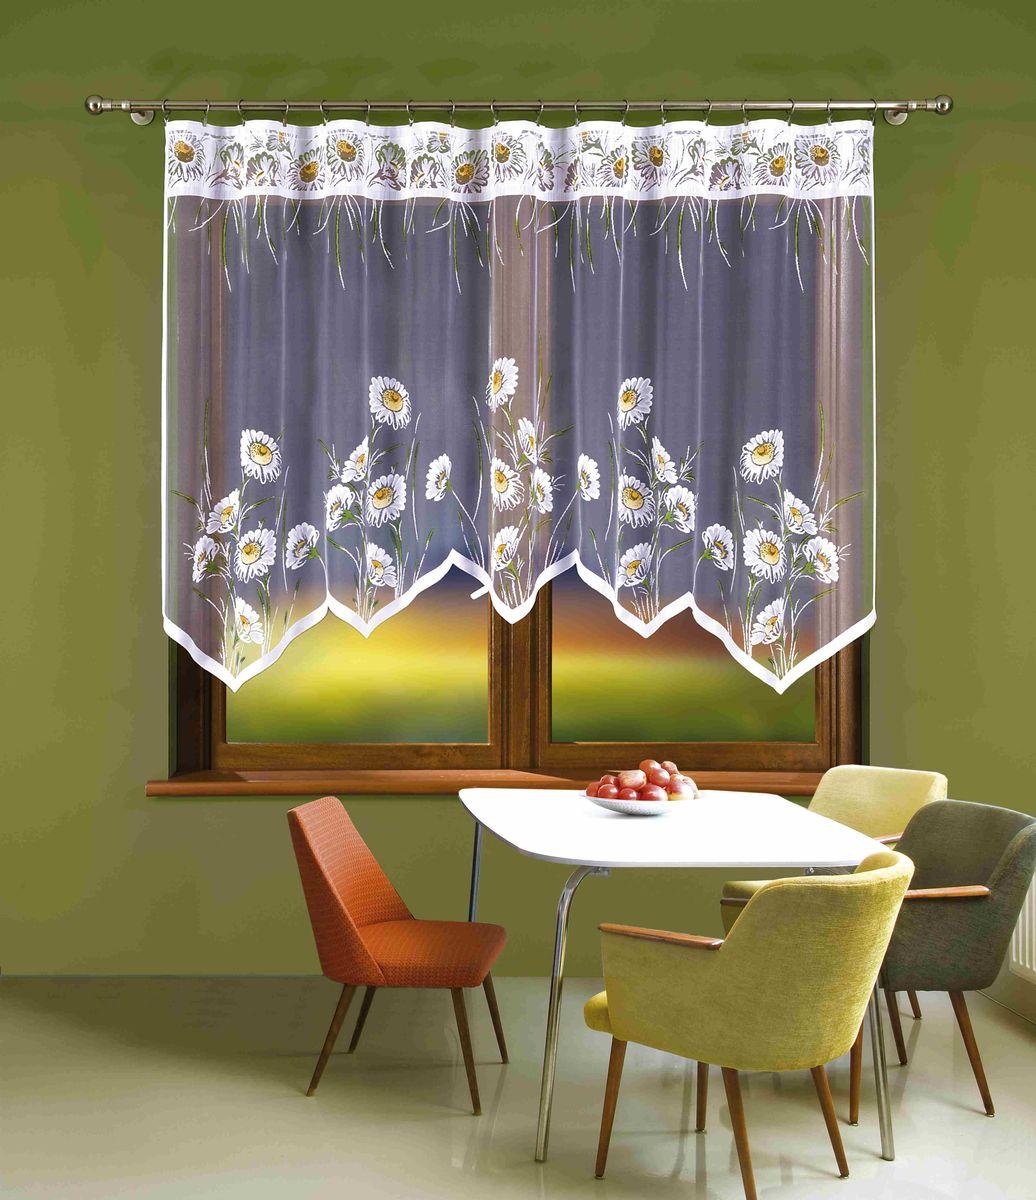 Гардина Wisan Klementynka, цвет: белый, зеленый, высота 140 см199WВоздушная гардина Wisan Klementynka, изготовленная из полиэстера, станет великолепным украшением любого окна. Оригинальный принт в виде цветочков и приятная цветовая гамма привлекут к себе внимание и органично впишутся в интерьер комнаты. Оригинальное оформление гардины внесет разнообразие и подарит заряд положительного настроения.Верхняя часть гардины не оснащена креплениями.